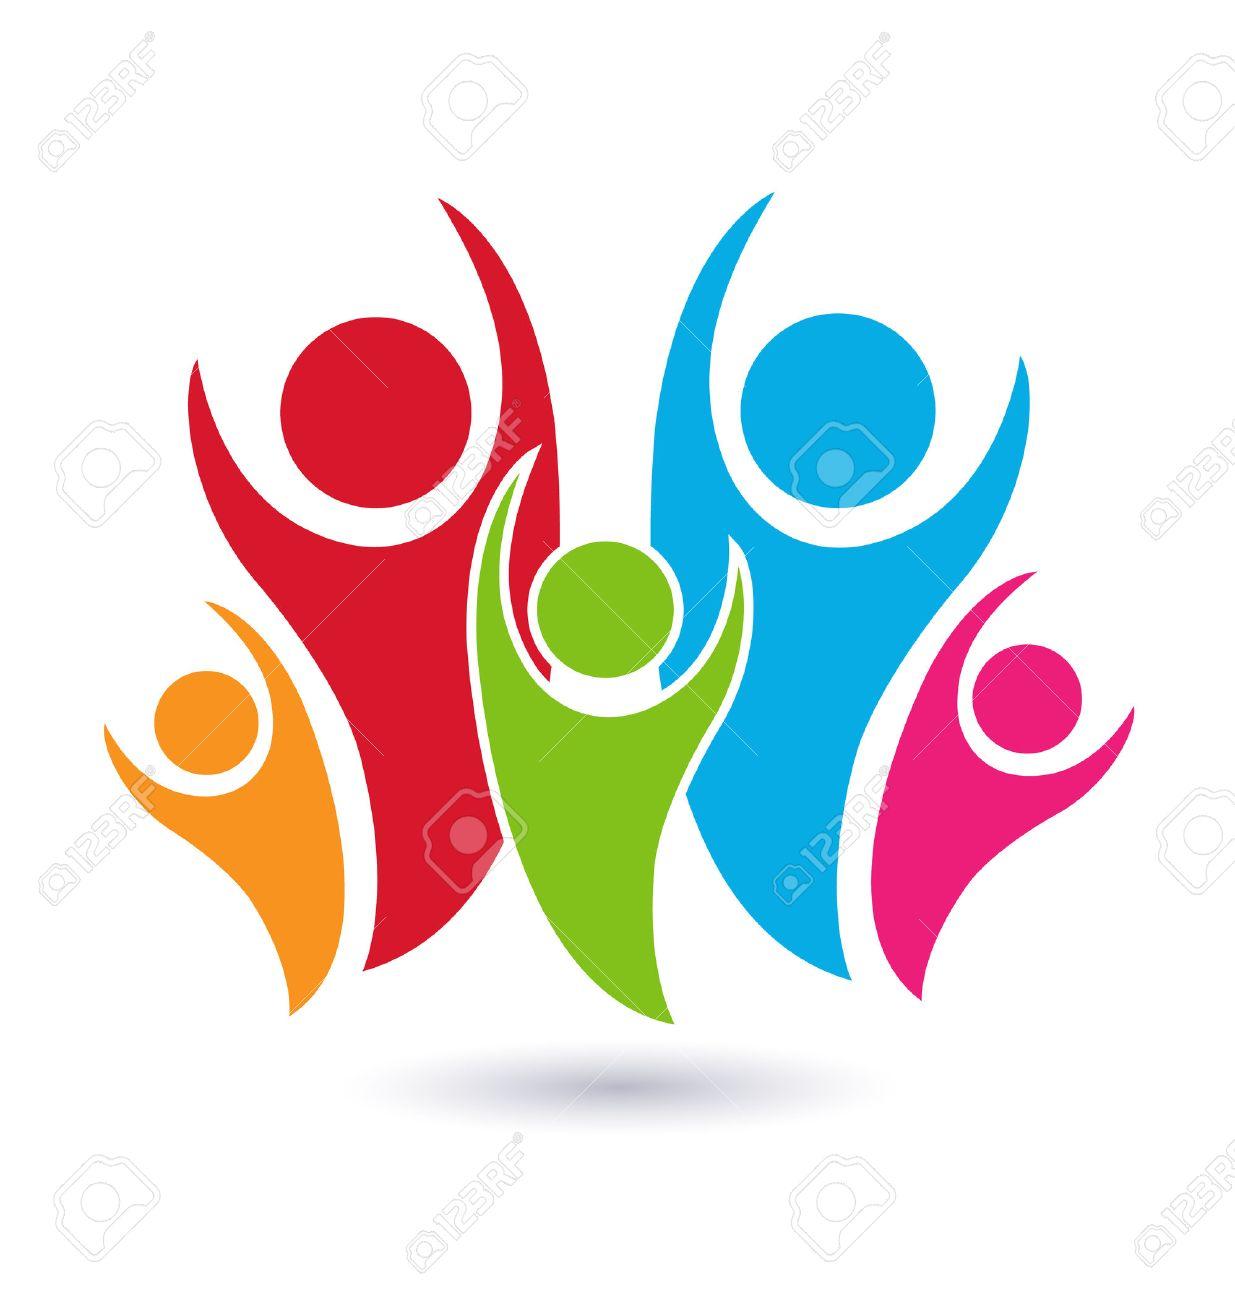 Familia Vector Símbolo Concepto De Identidad Unión Icono De La